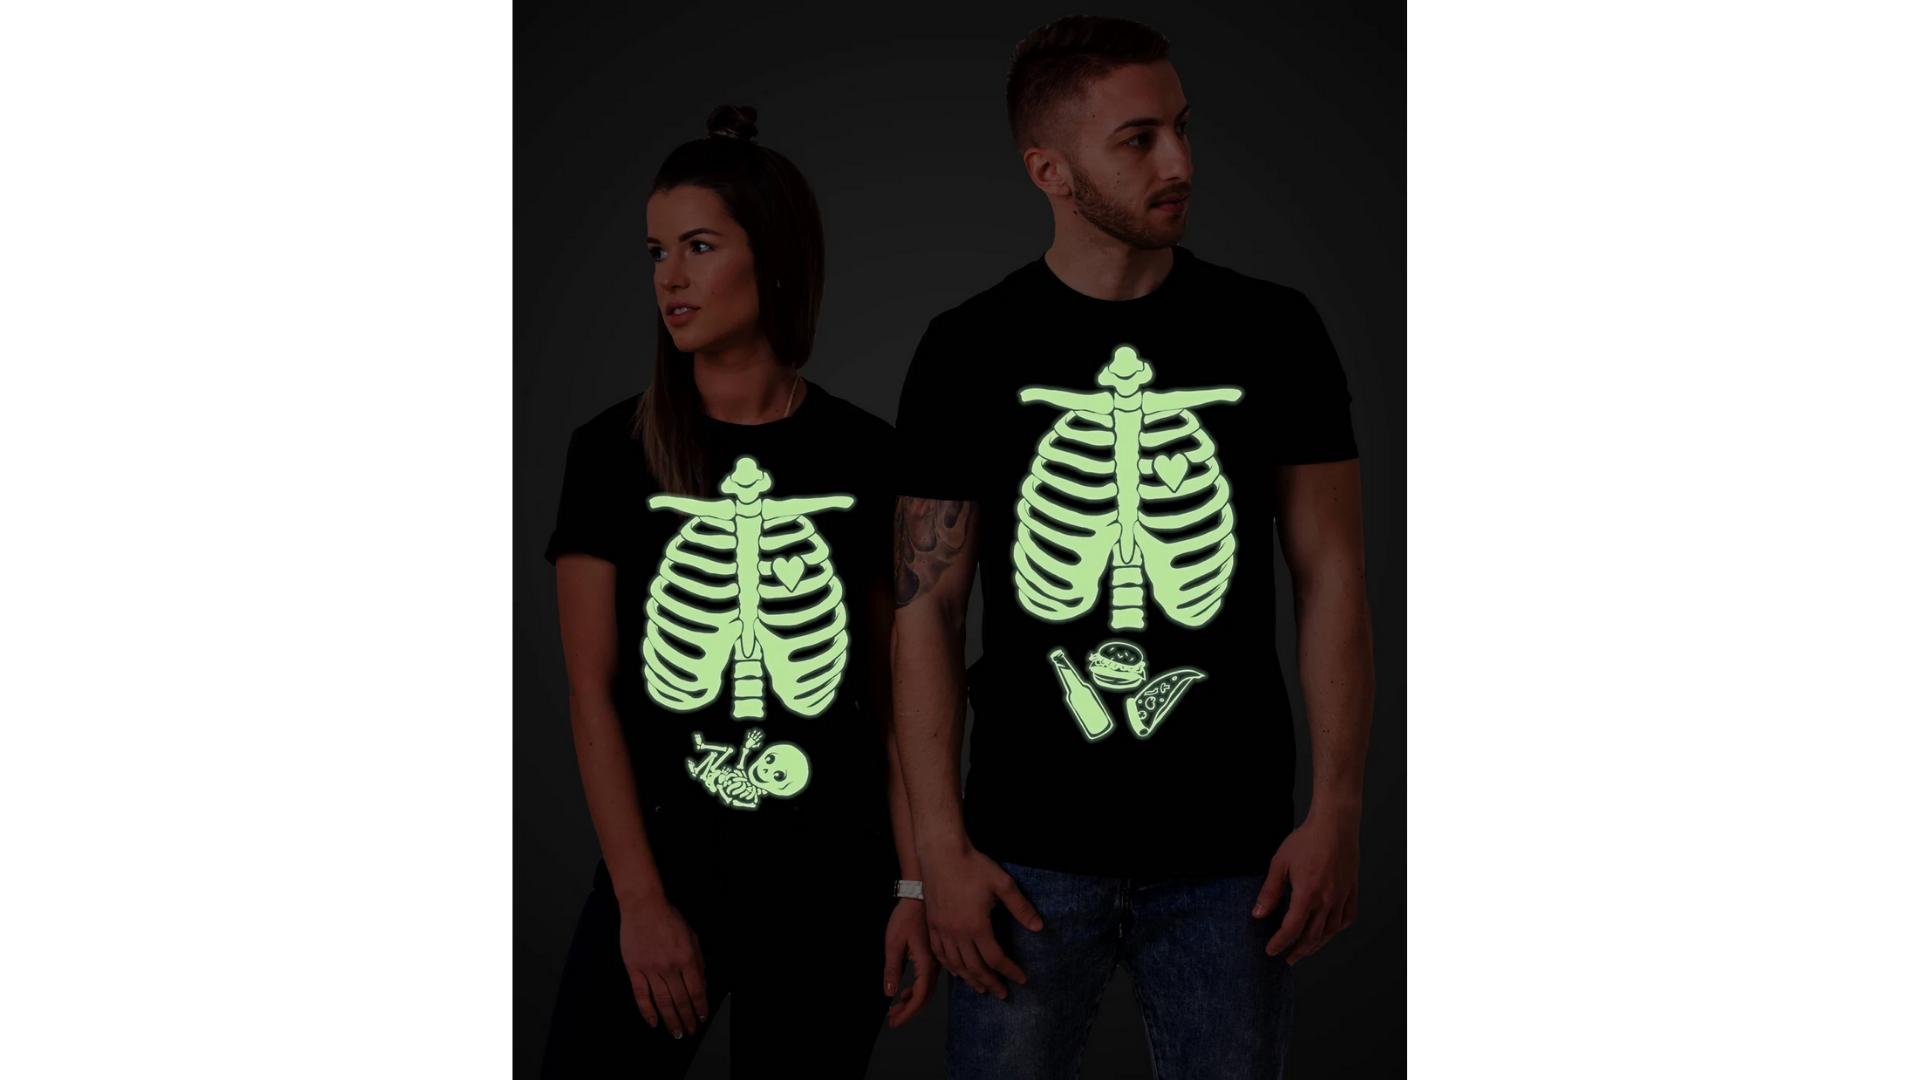 Idées de déguisement d'Halloween pour femmes enceintes - haut de squelette phosphorescent.